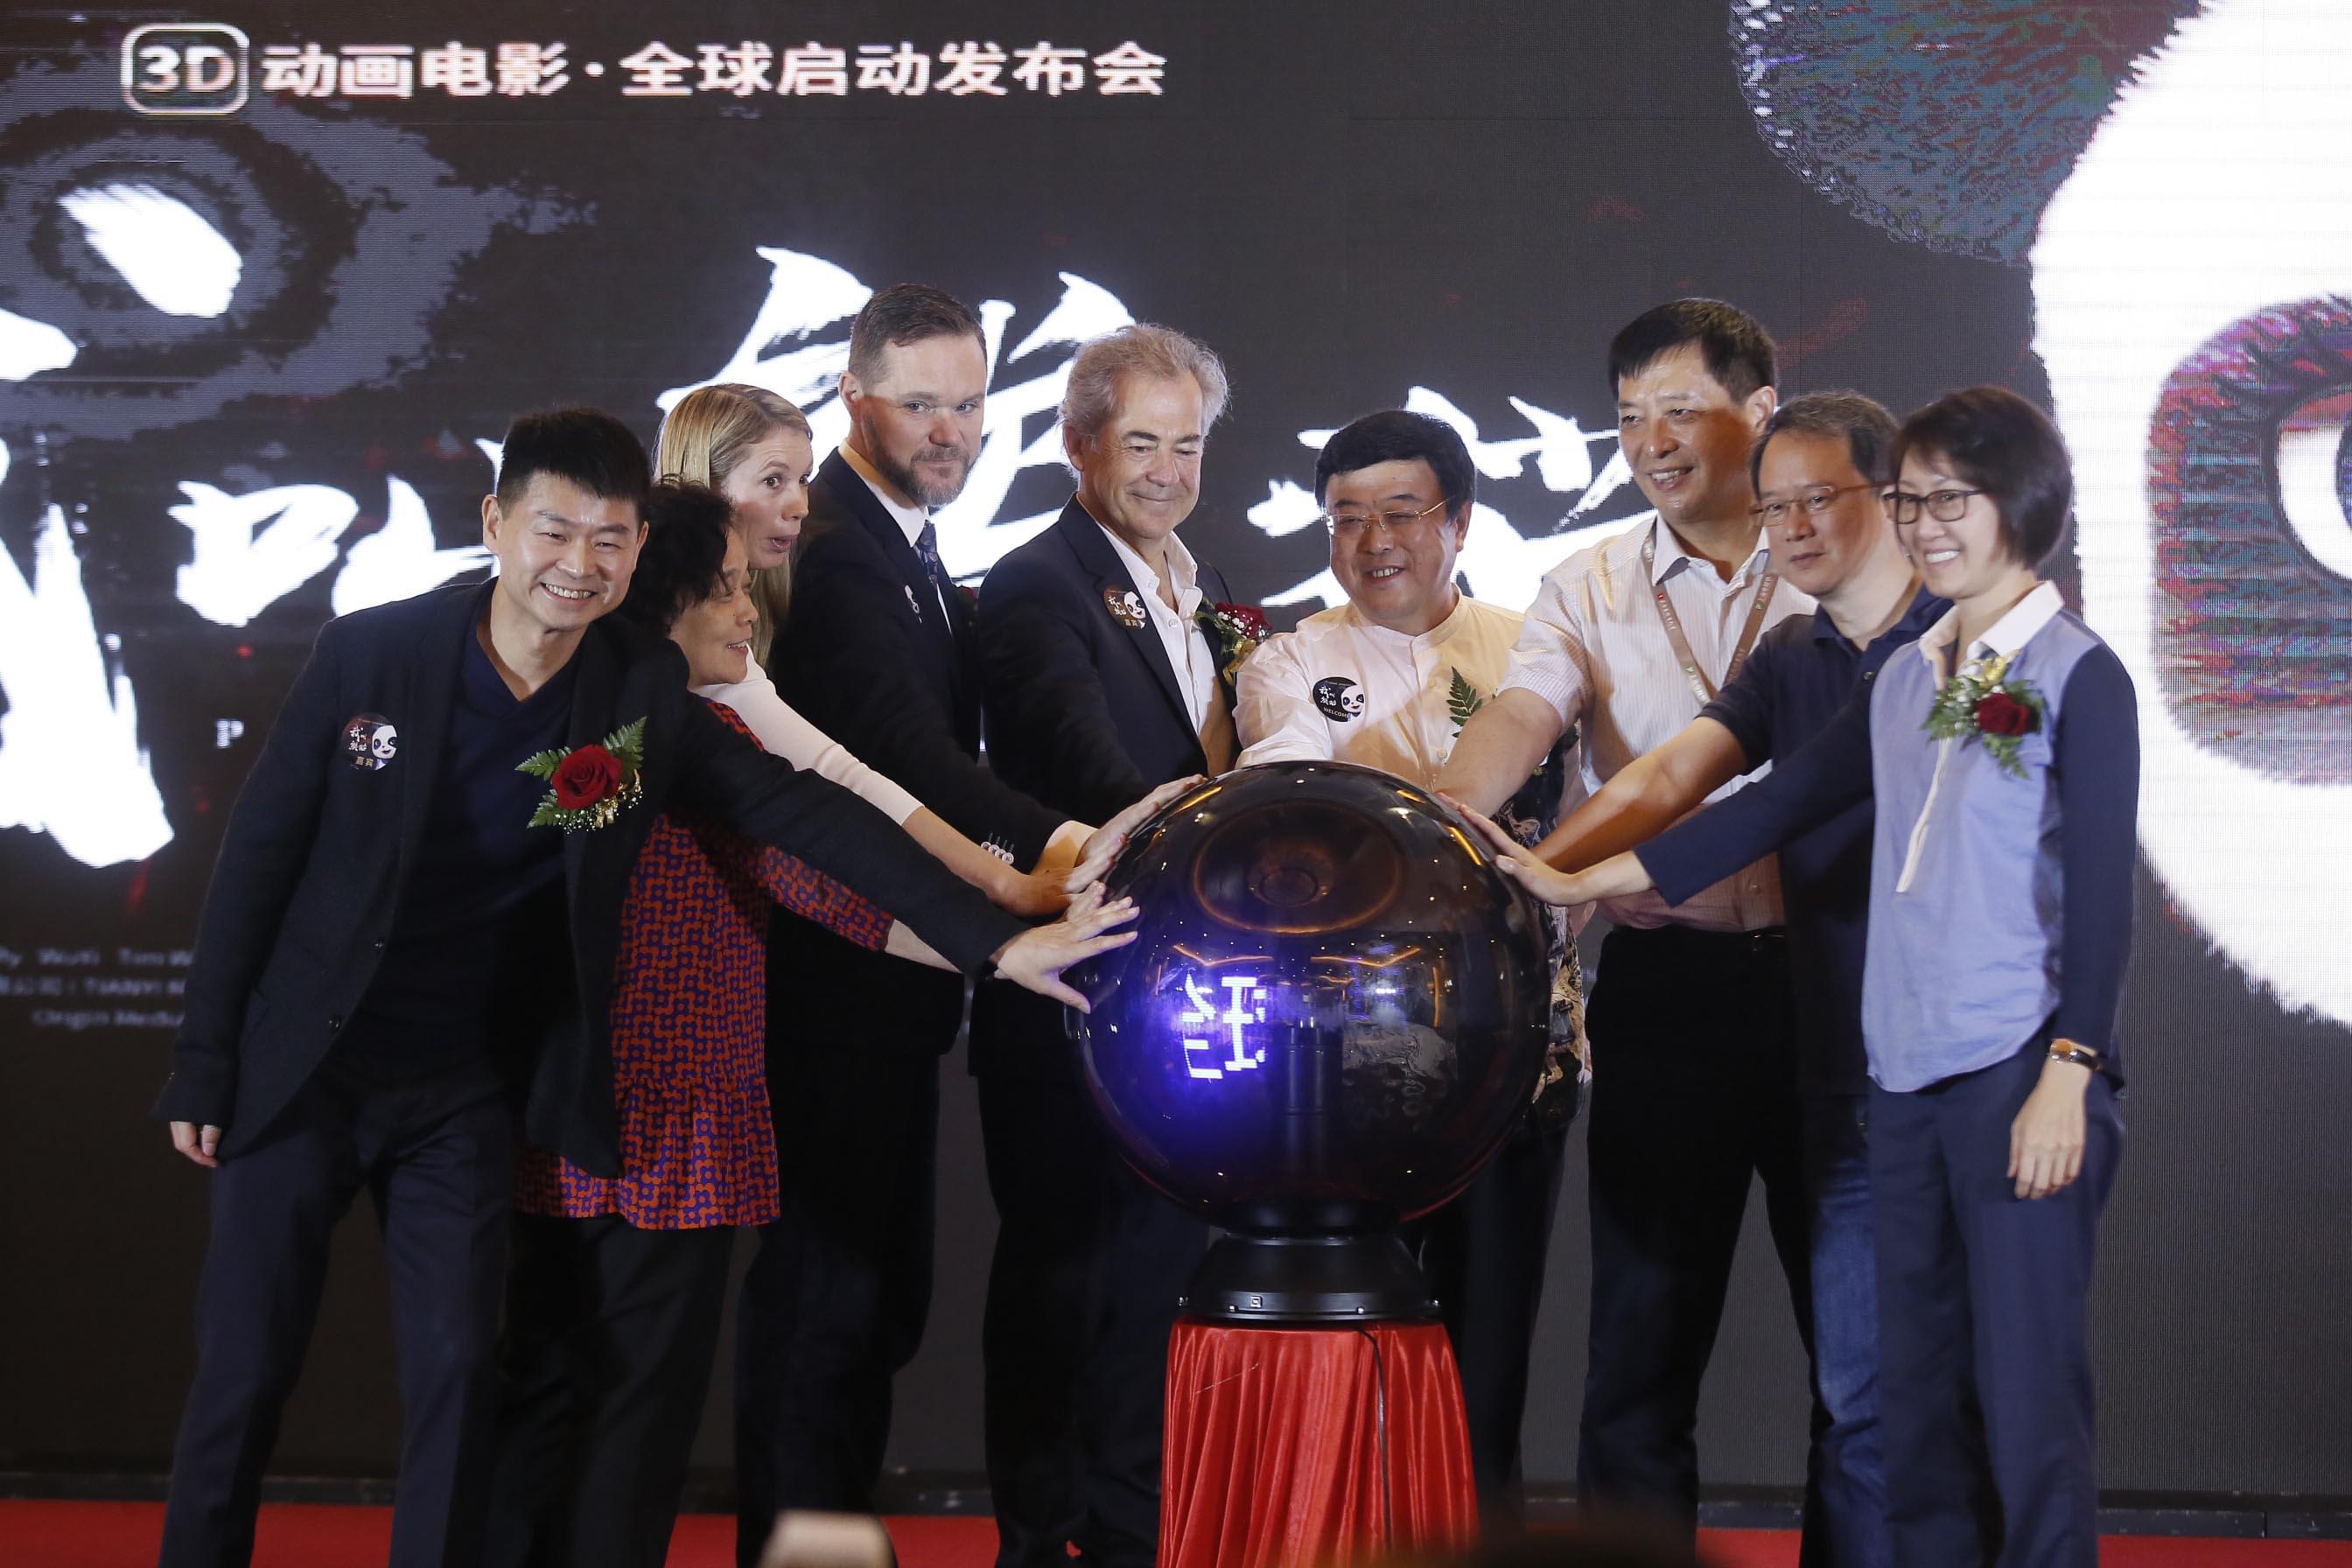 《我叫熊猫》亮相上海国际电影节 打造特效人才